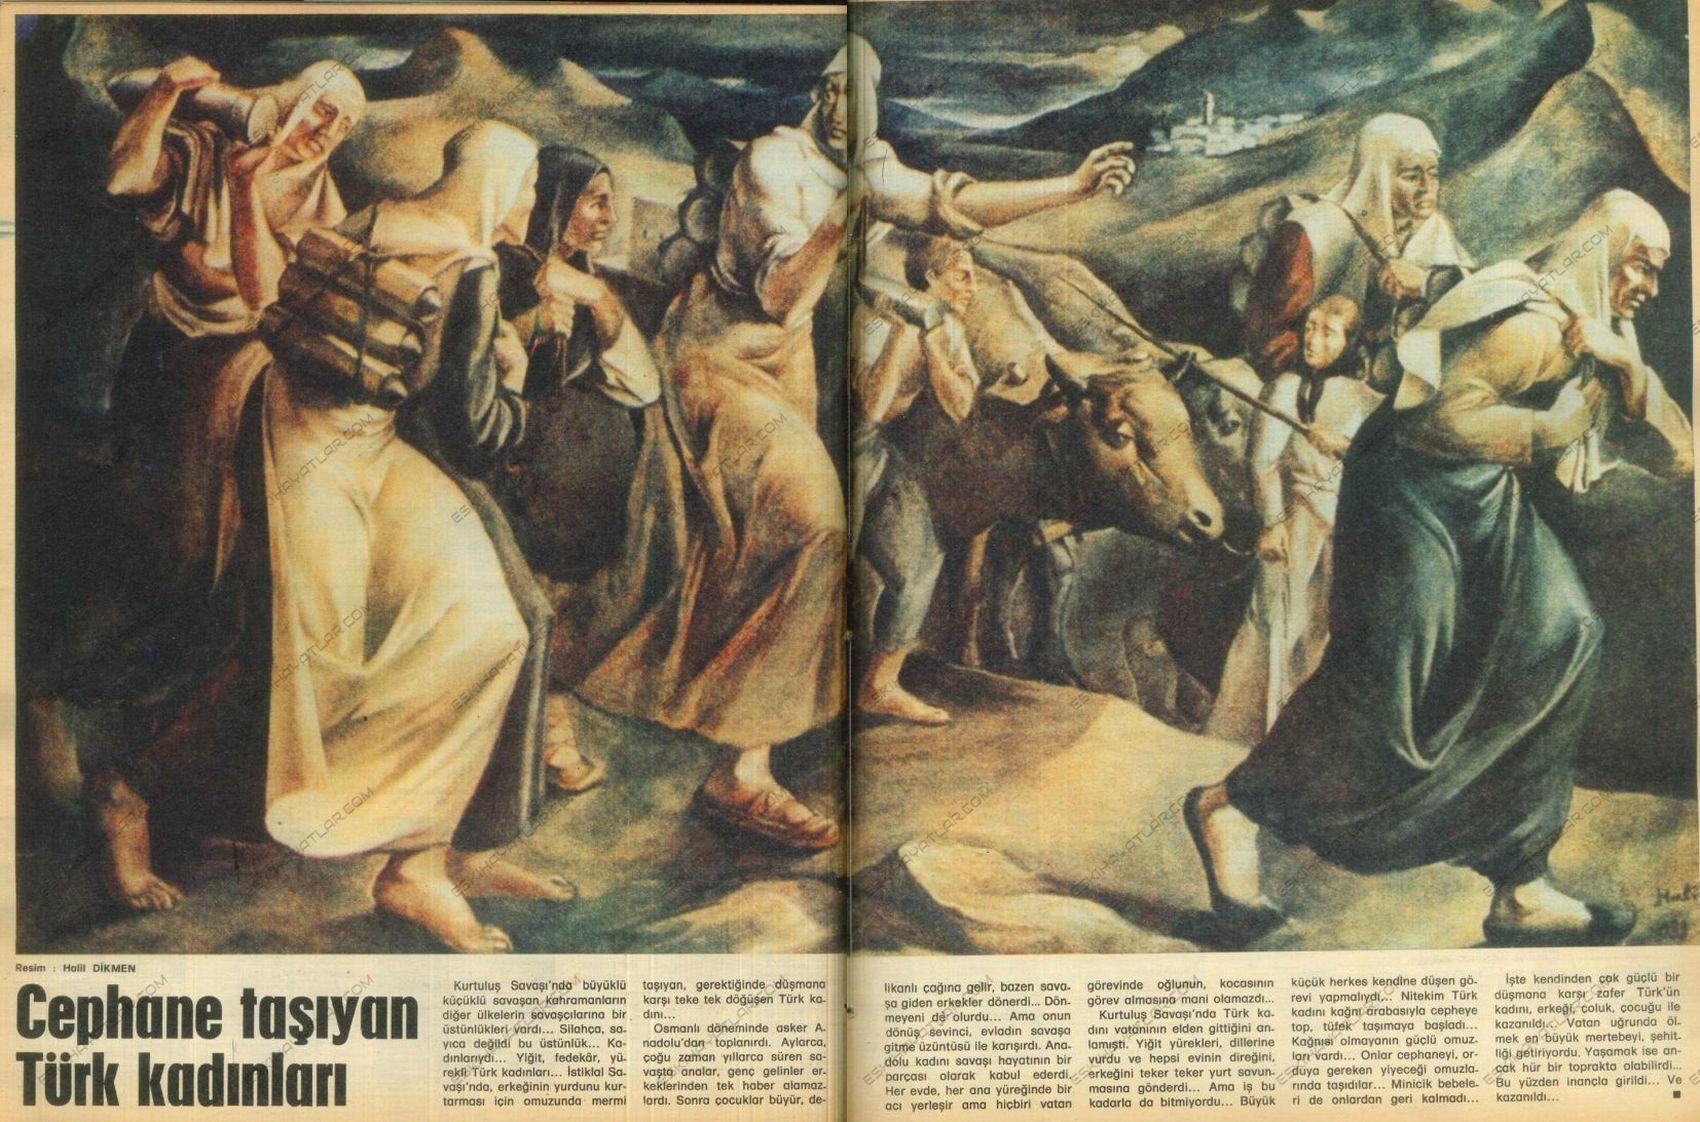 0650-mustafa-kemal-ataturk-istiklal-savasi-fotograflari-cumhuriyet-ilani-buyuk-taarruz-1983-hayat-dergisi-ozel-ekleri (6)